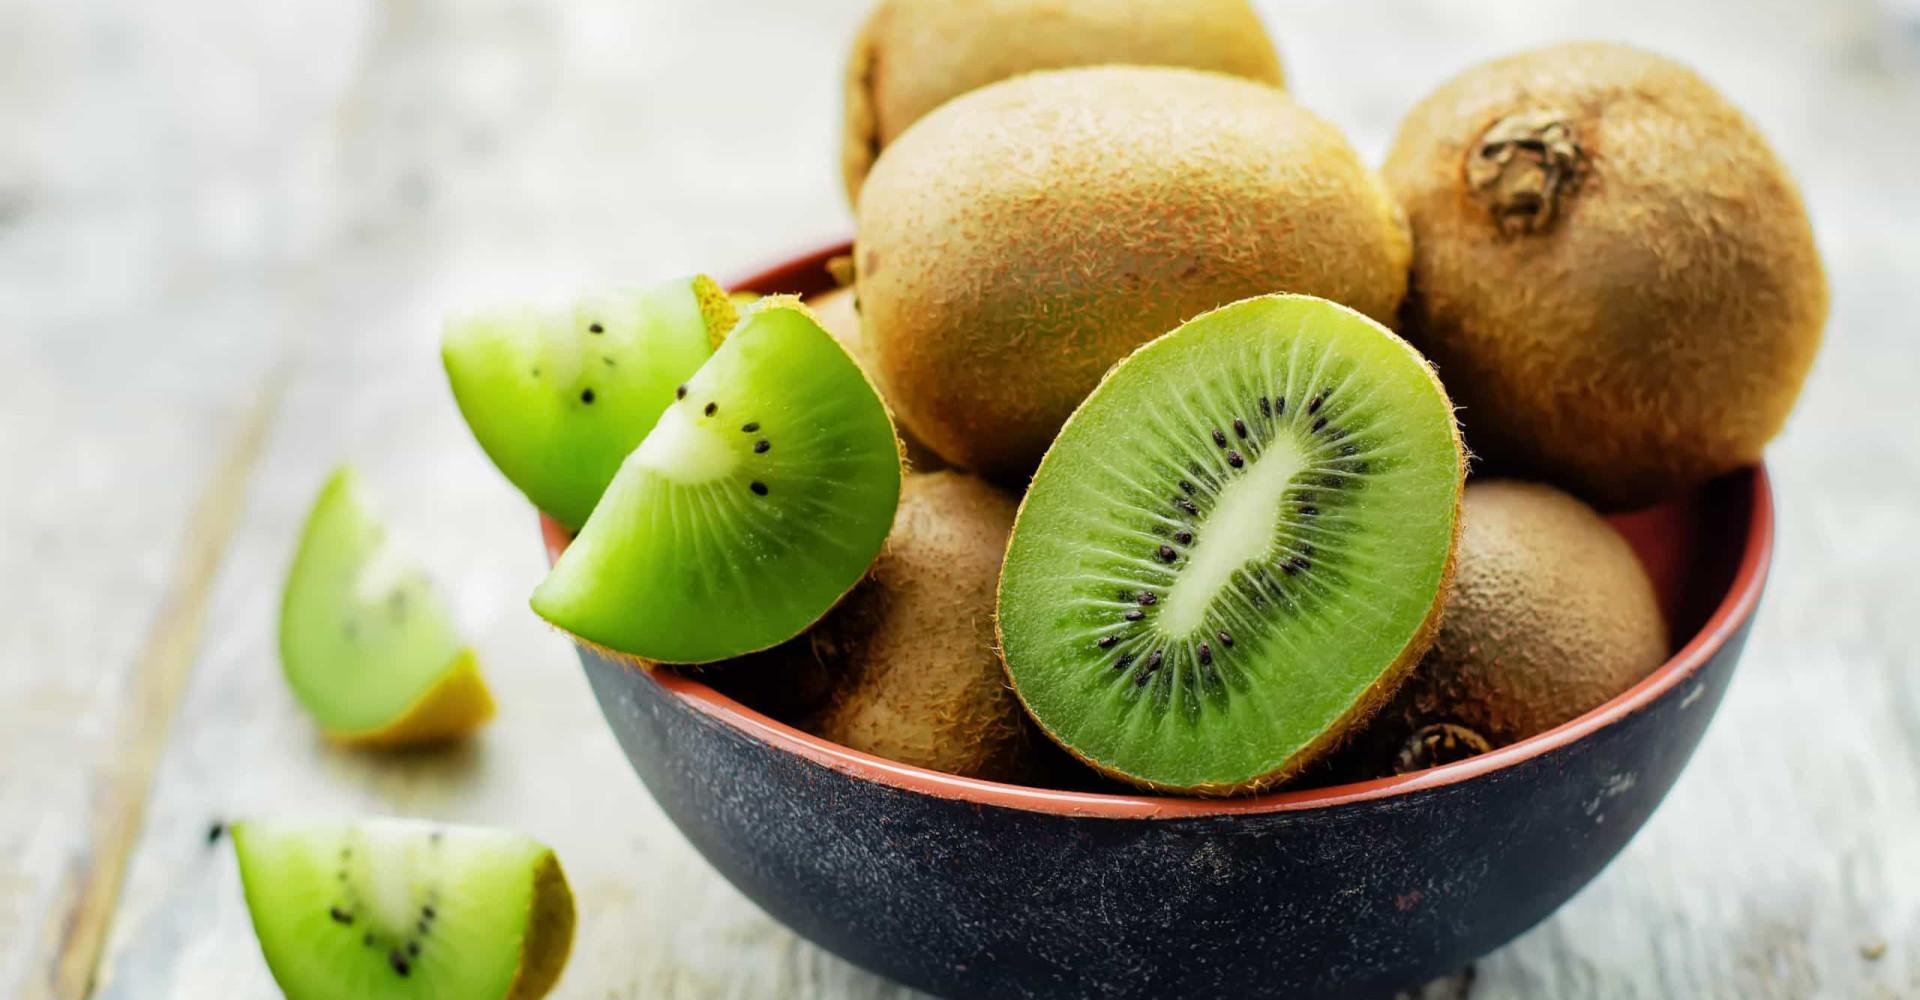 Moet je een kiwi met schil en al eten?